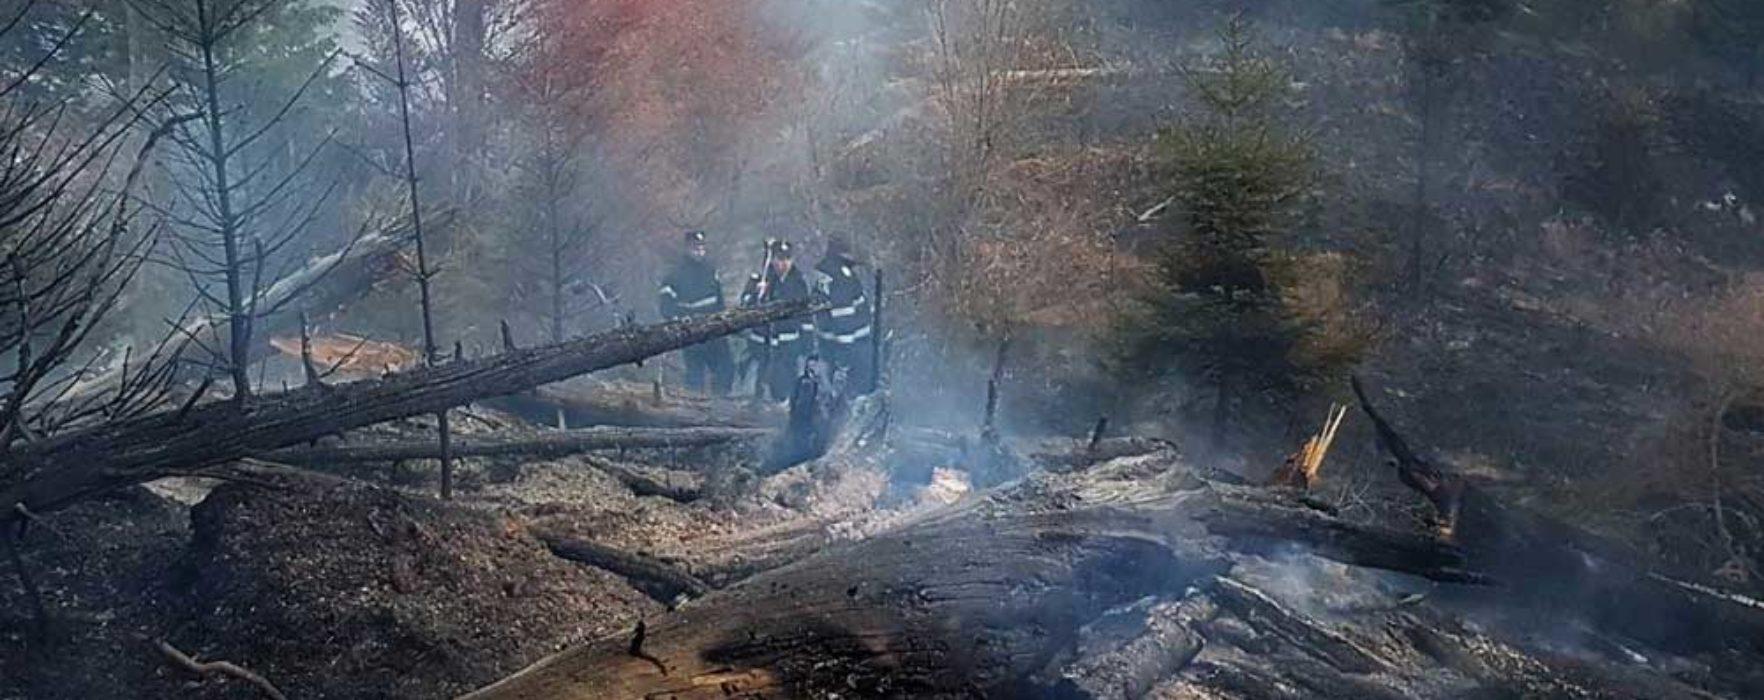 Dâmboviţa: Cauza probabilă a incendiului din pădurea de la Moroieni, focul deschis